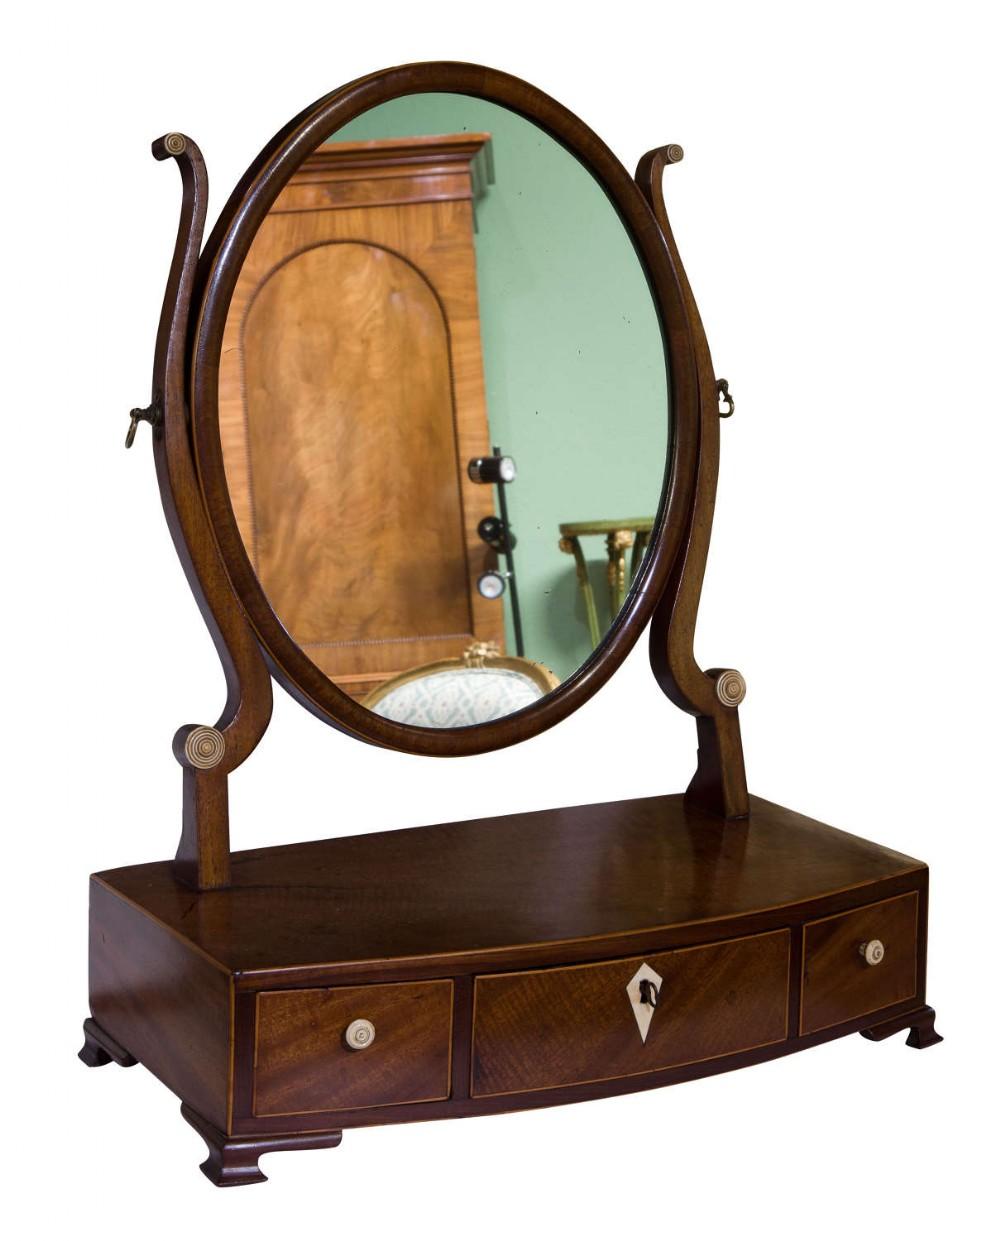 georgian oval mahogany dressing table mirror